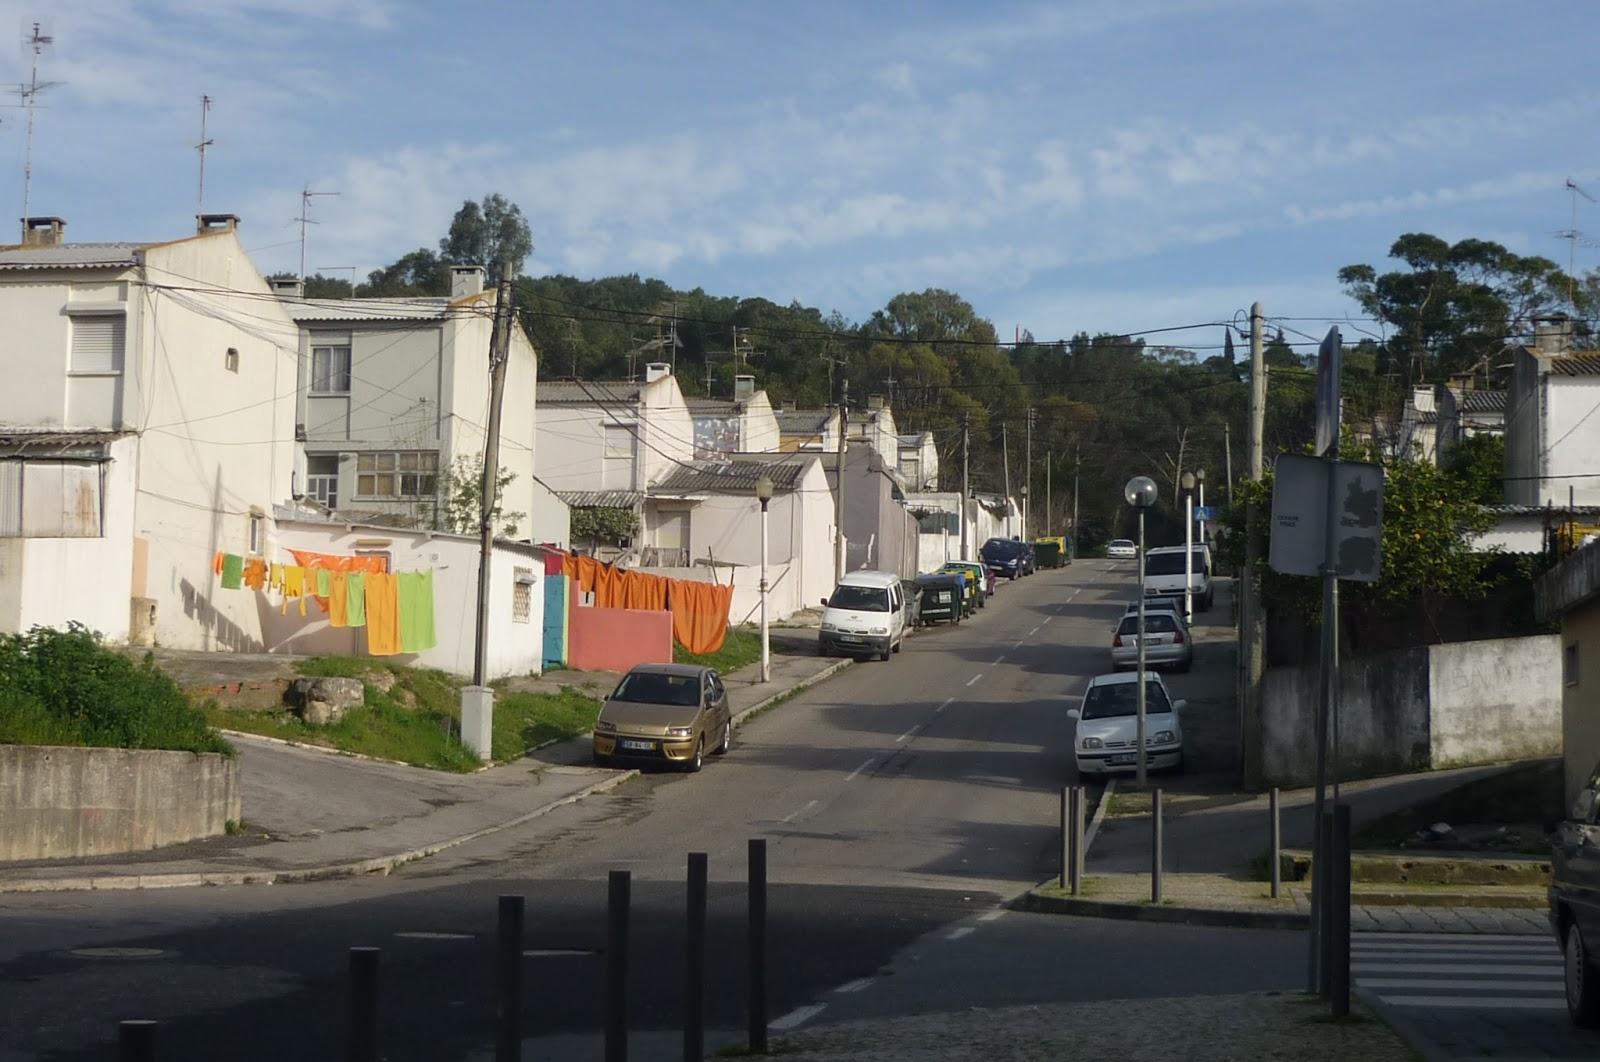 Informação do Município de Lisboa  Visita ao Bairro da Boavista